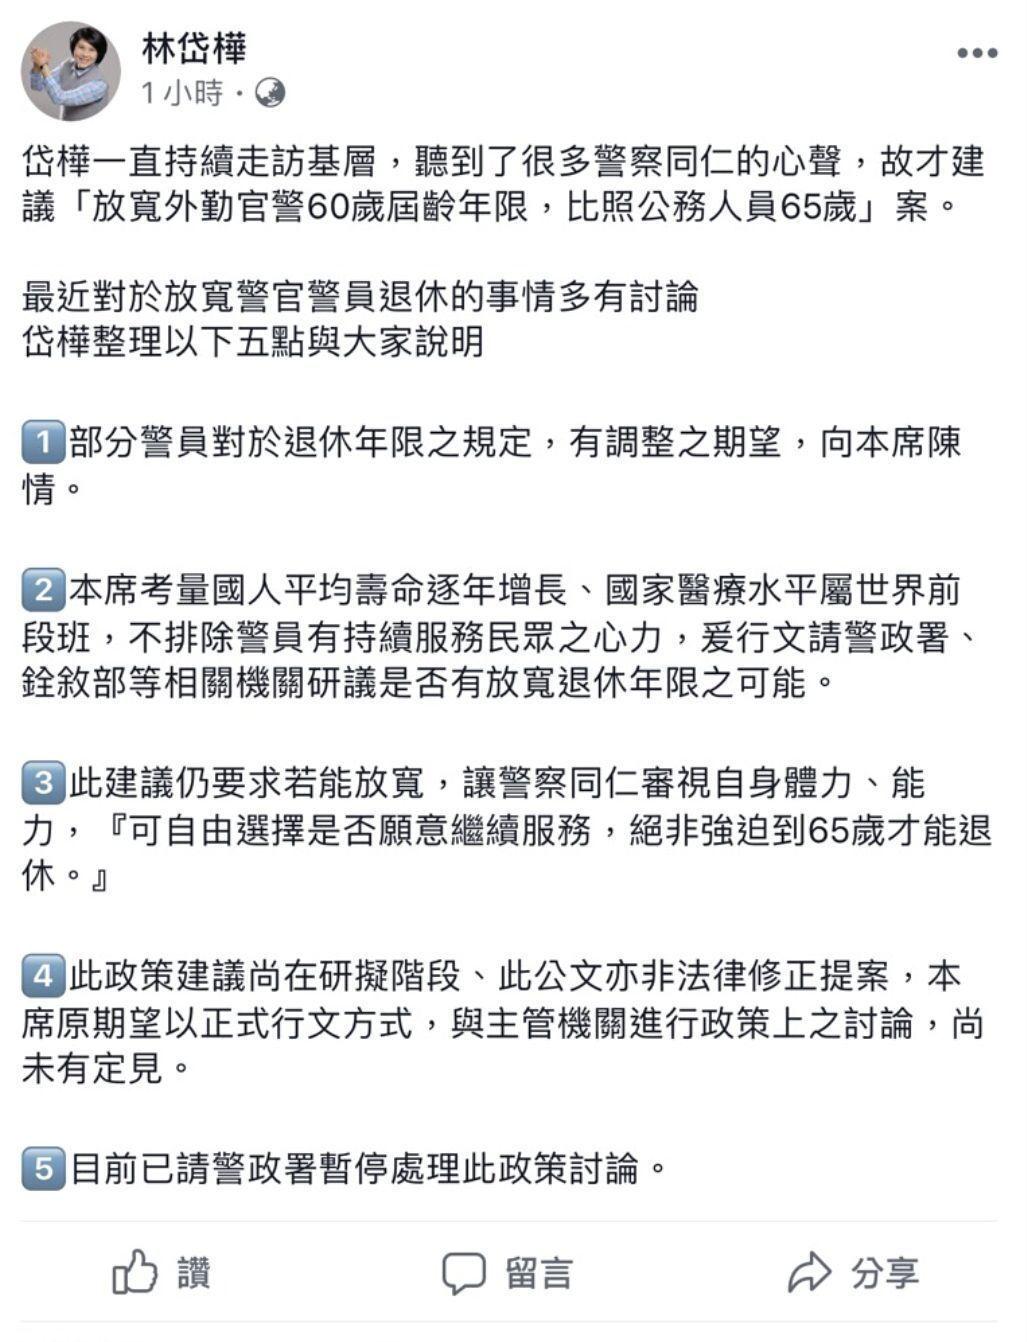 林岱樺昨晚在臉書緊急po文說明。記者王昭月/翻攝自林岱樺臉書